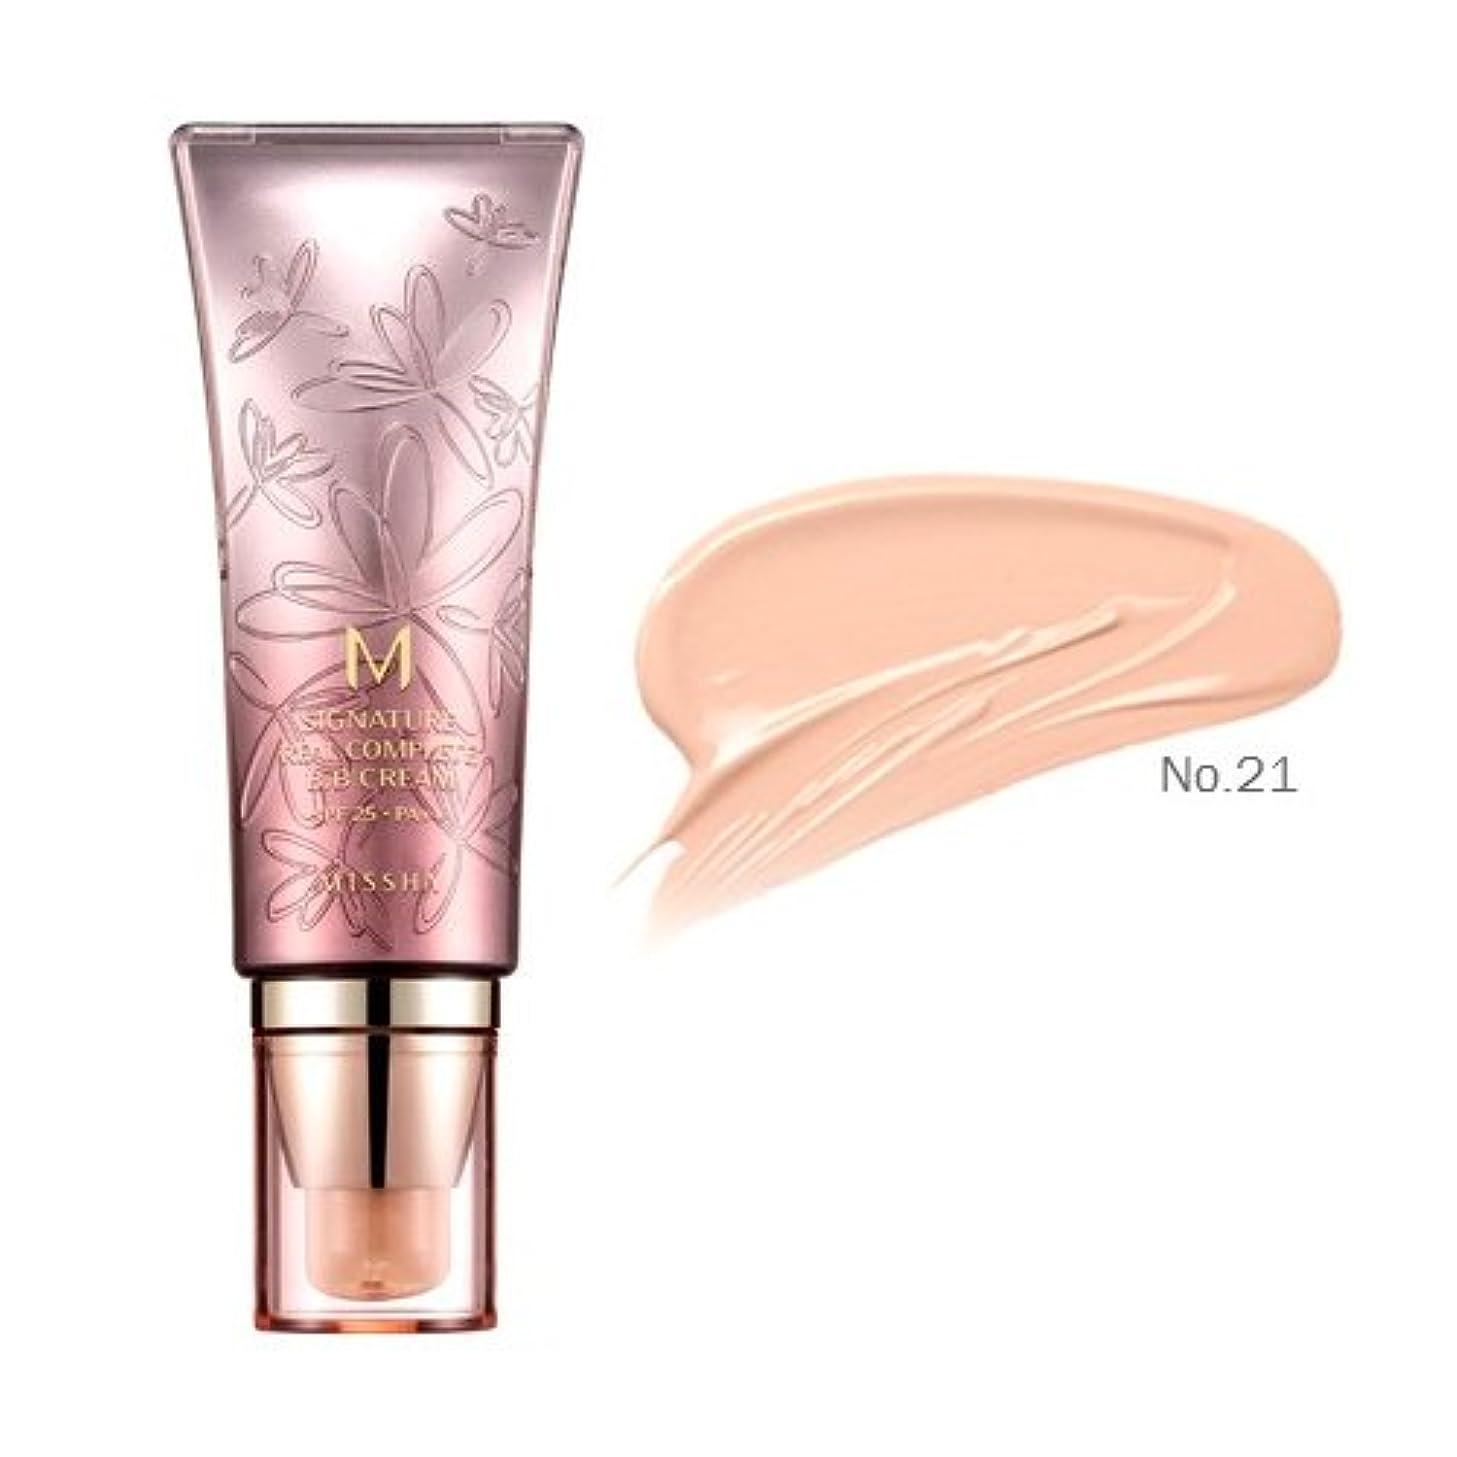 抵抗吹きさらし農業の(6 Pack) MISSHA M Signature Real Complete B.B Cream SPF 25 PA++ No. 21 Light Pink Beige (並行輸入品)